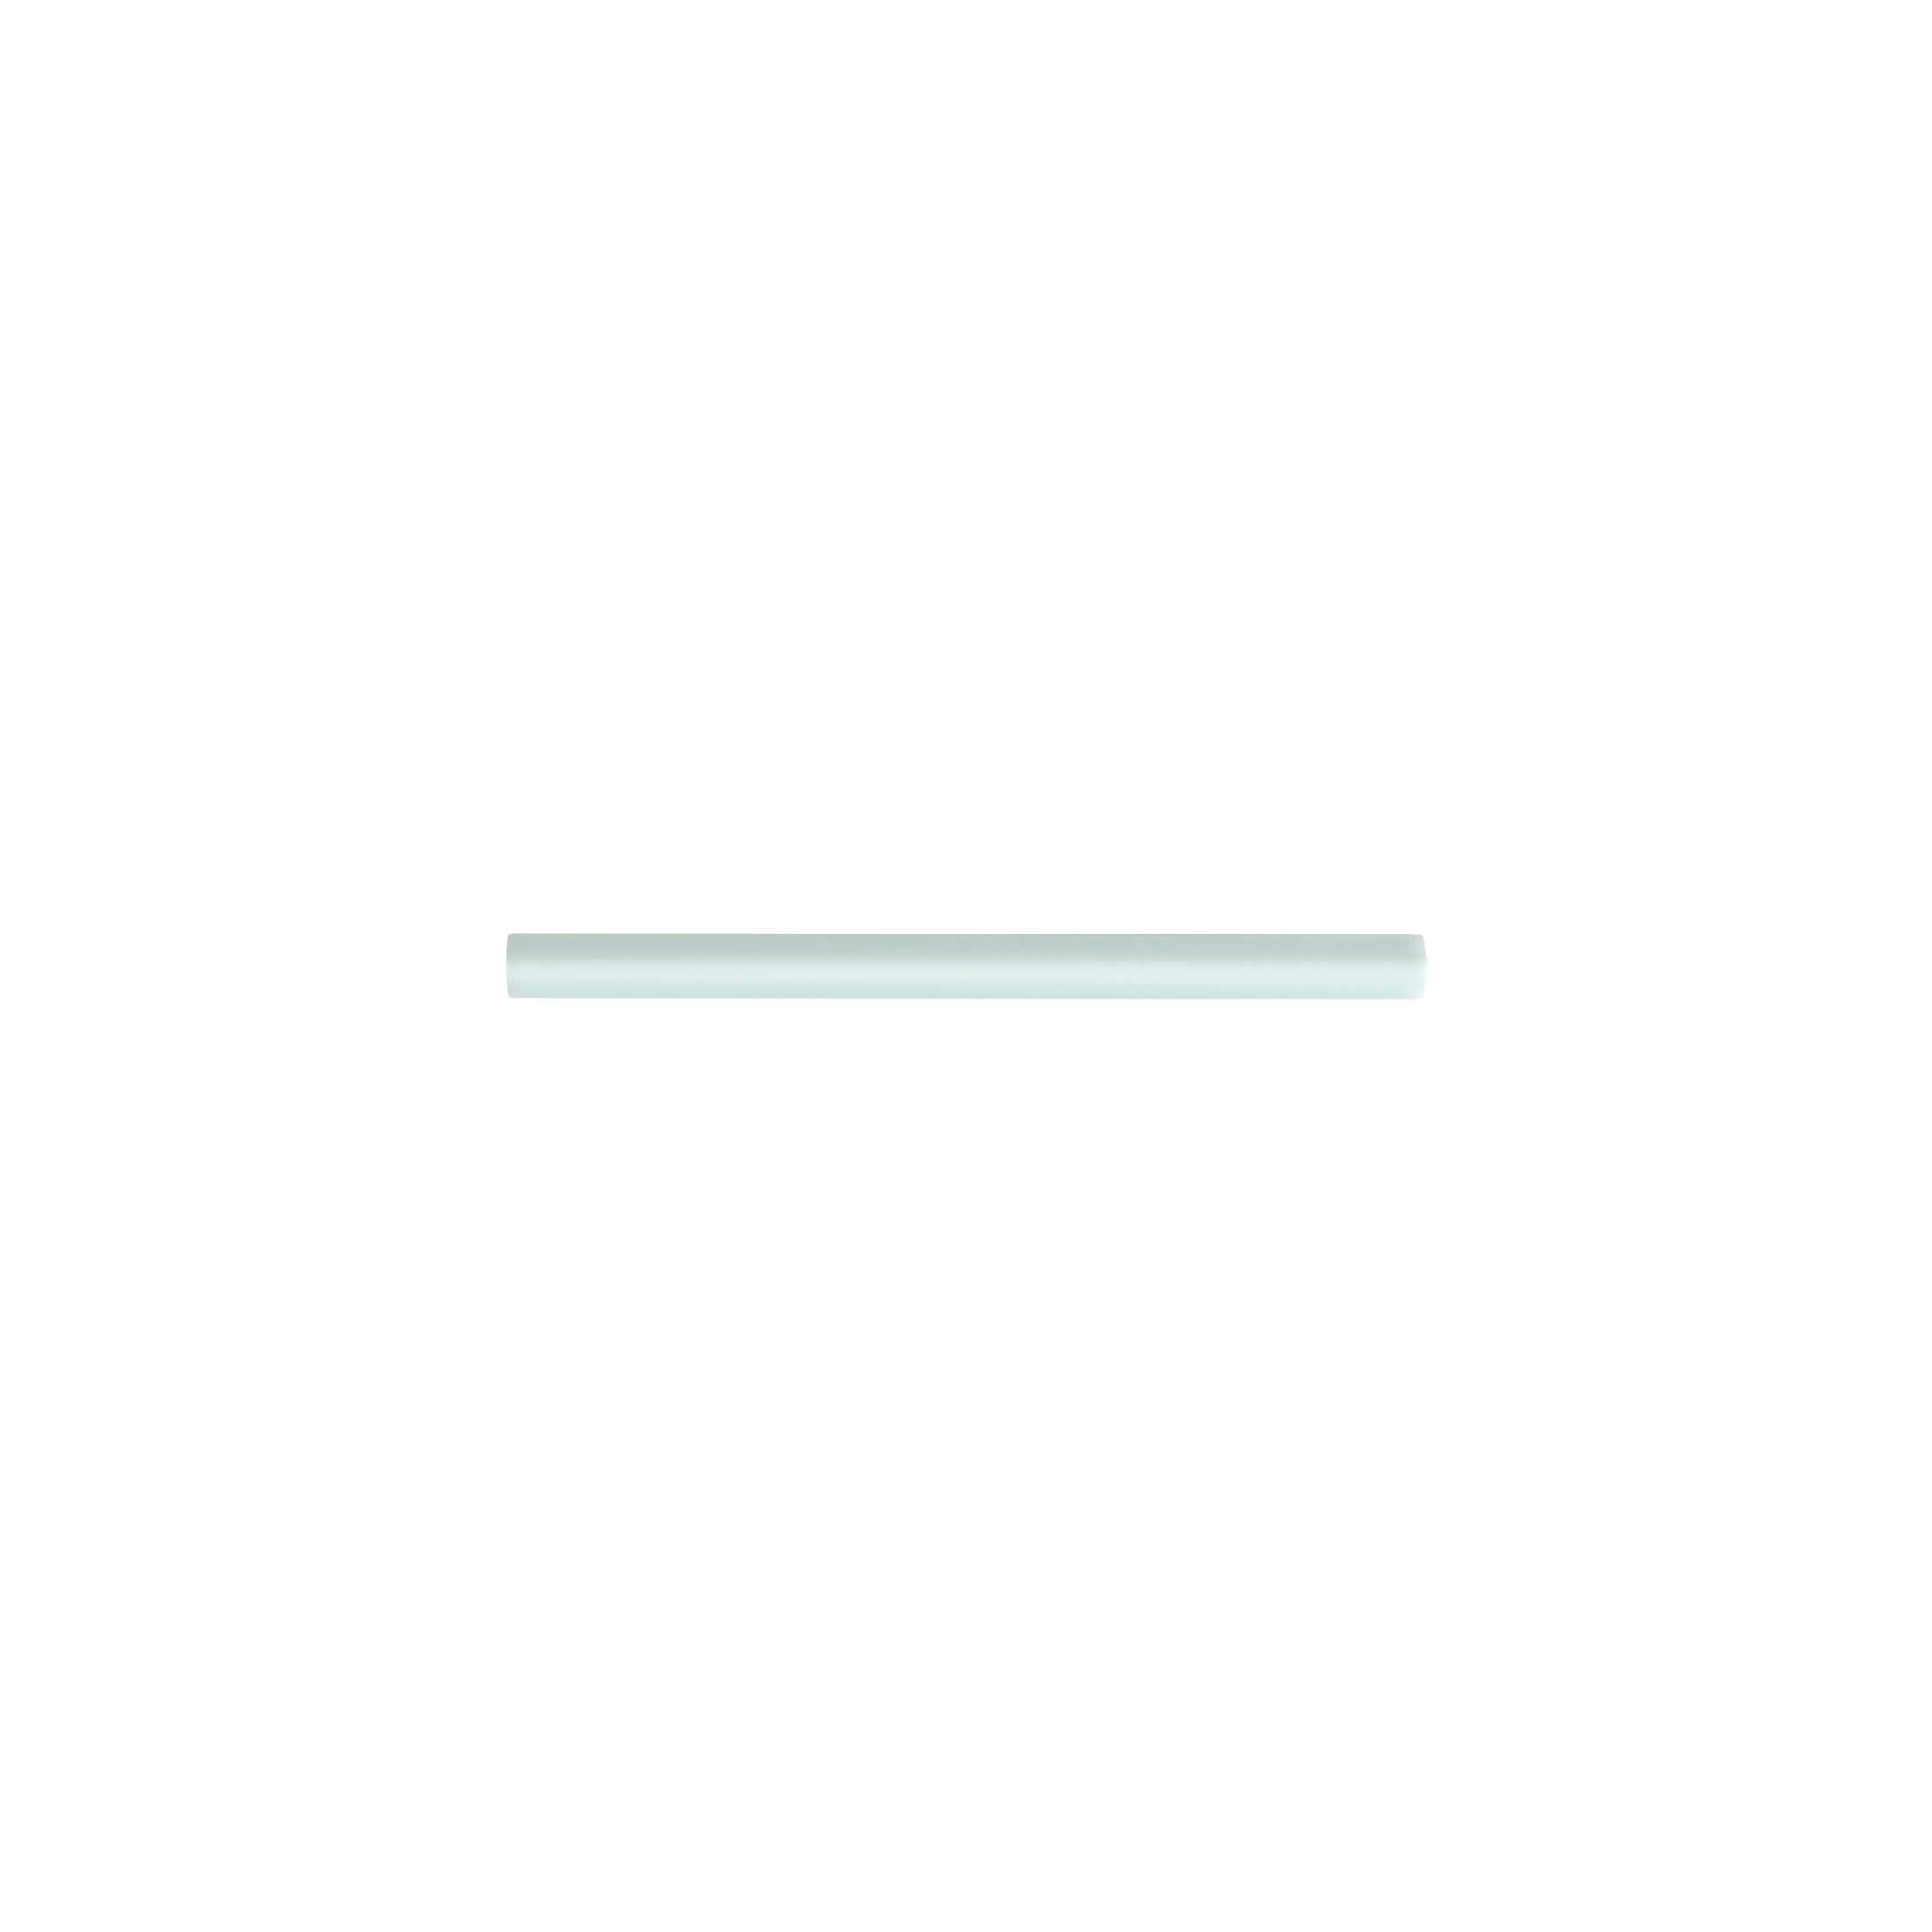 ADST5262 - BULLNOSE TRIM - 0.75 cm X 14.8 cm